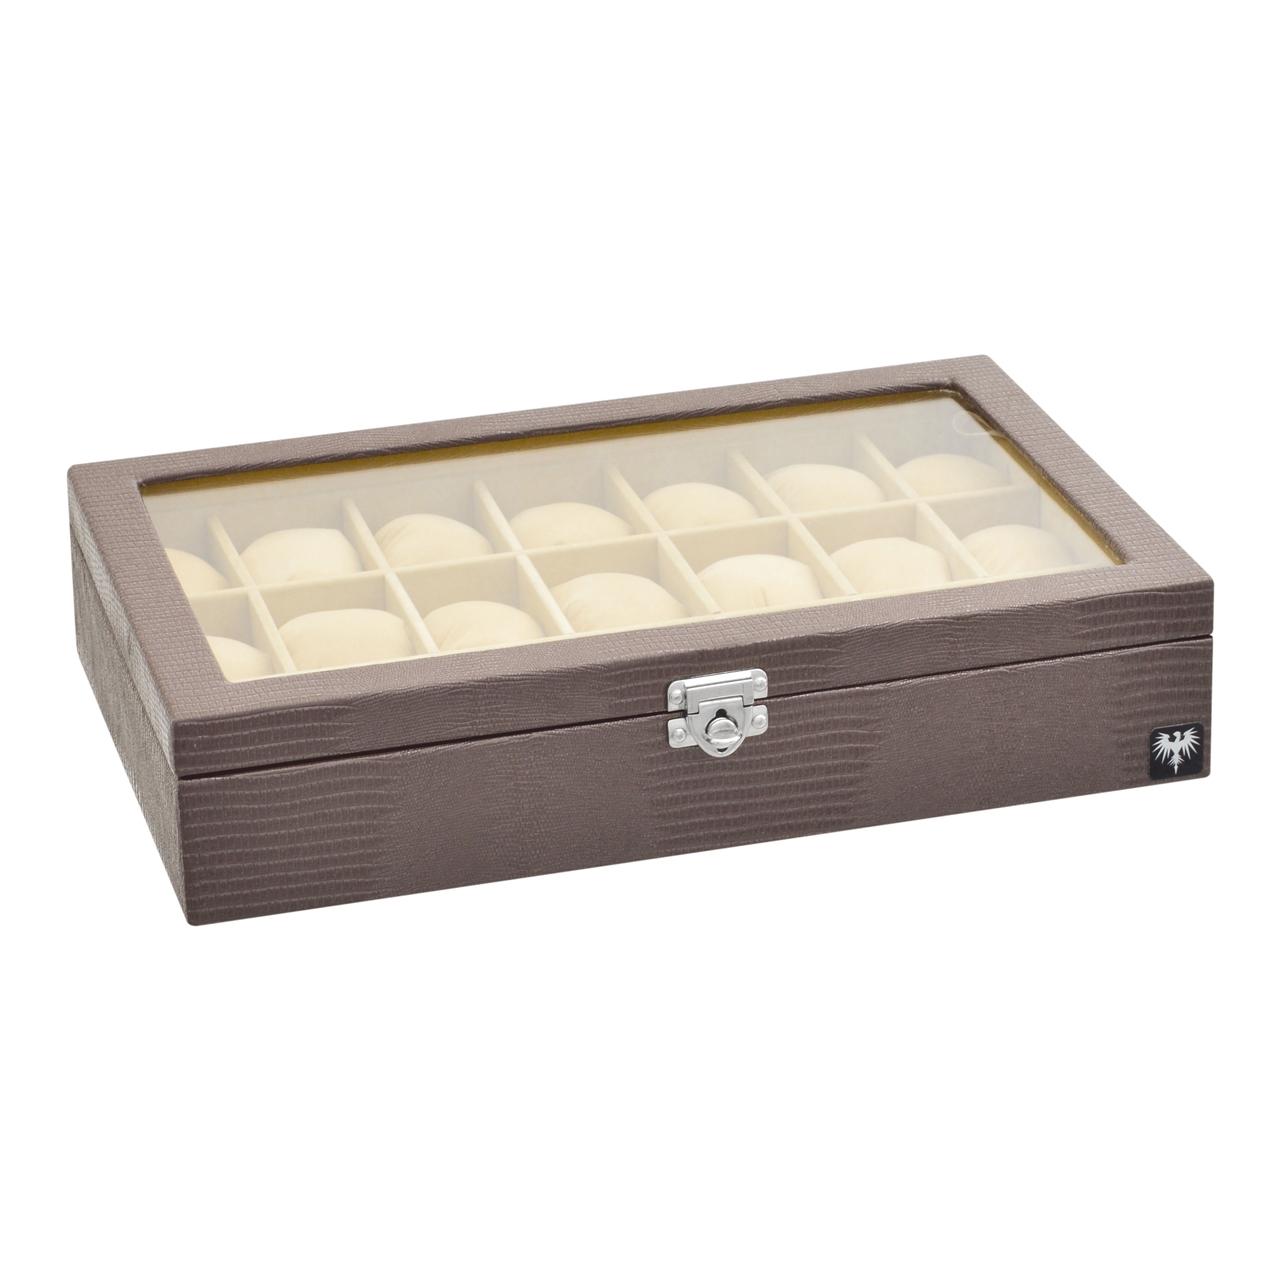 estojo-couro-ecologico-21-relogios-marrom-bege-porta-caixa-imagem-6.jpg